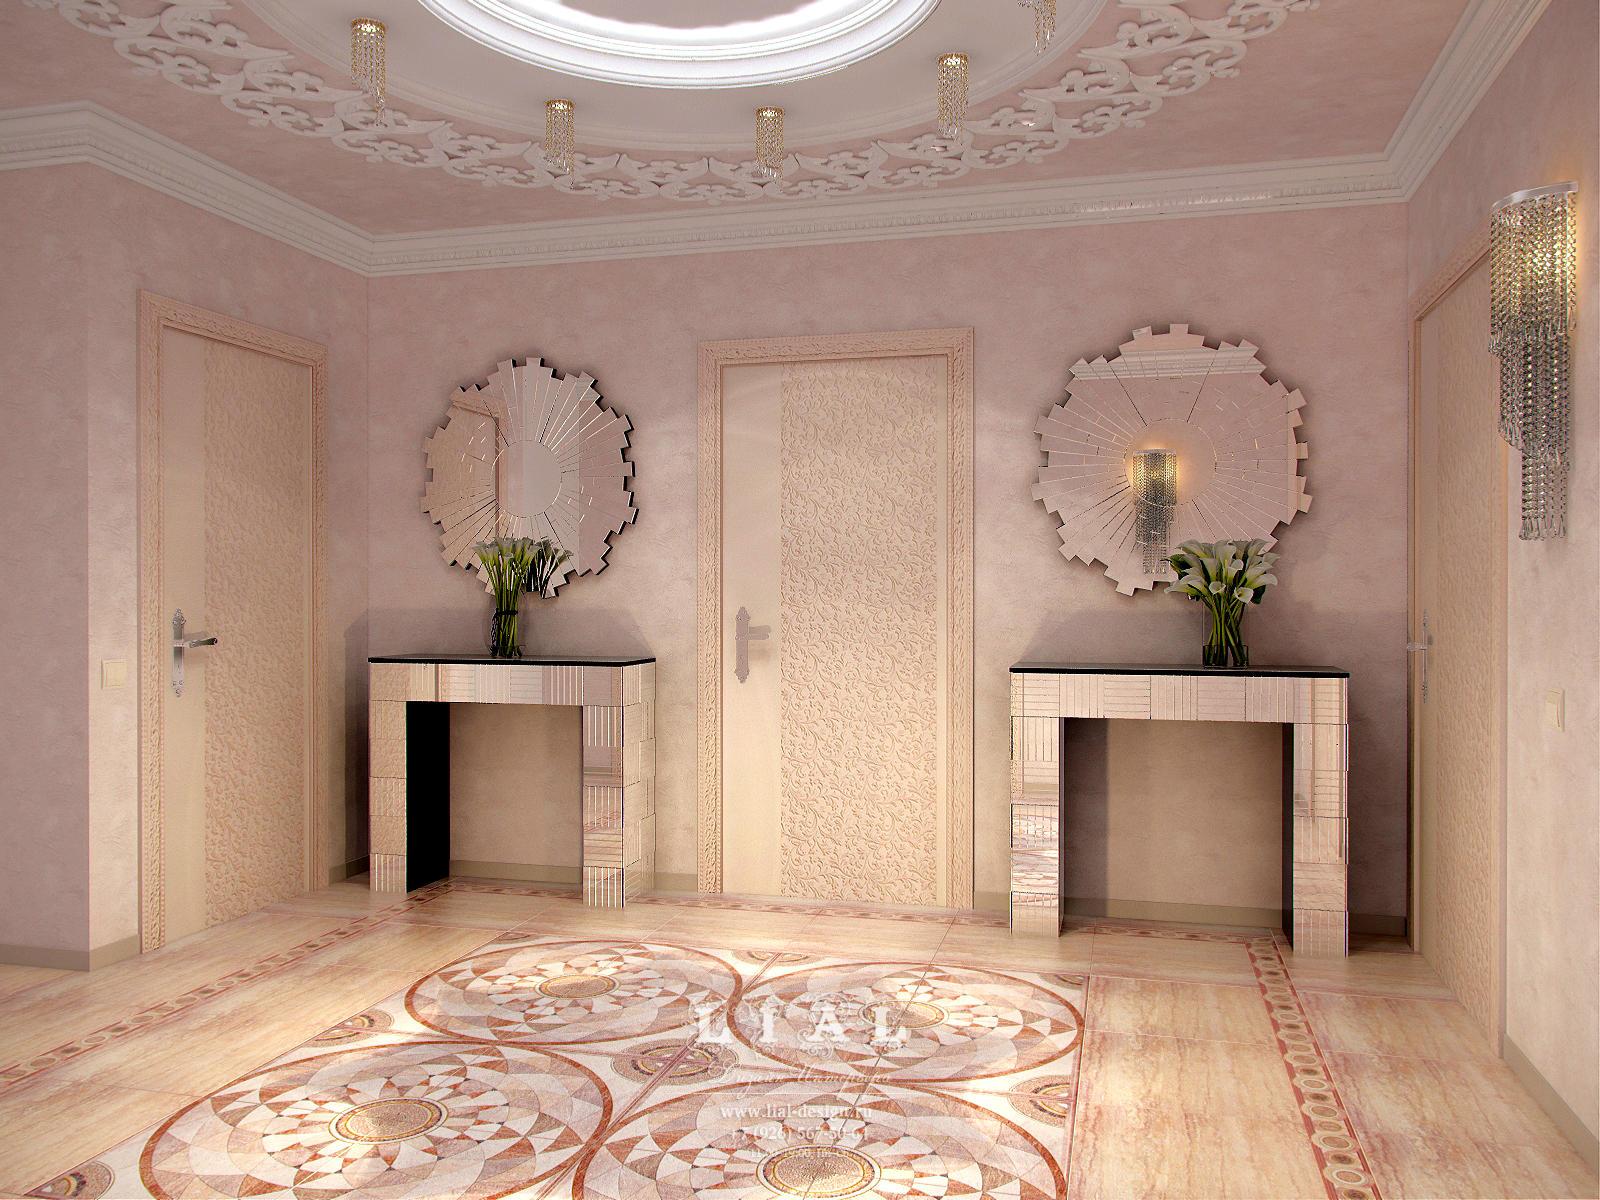 интерьер холла в доме